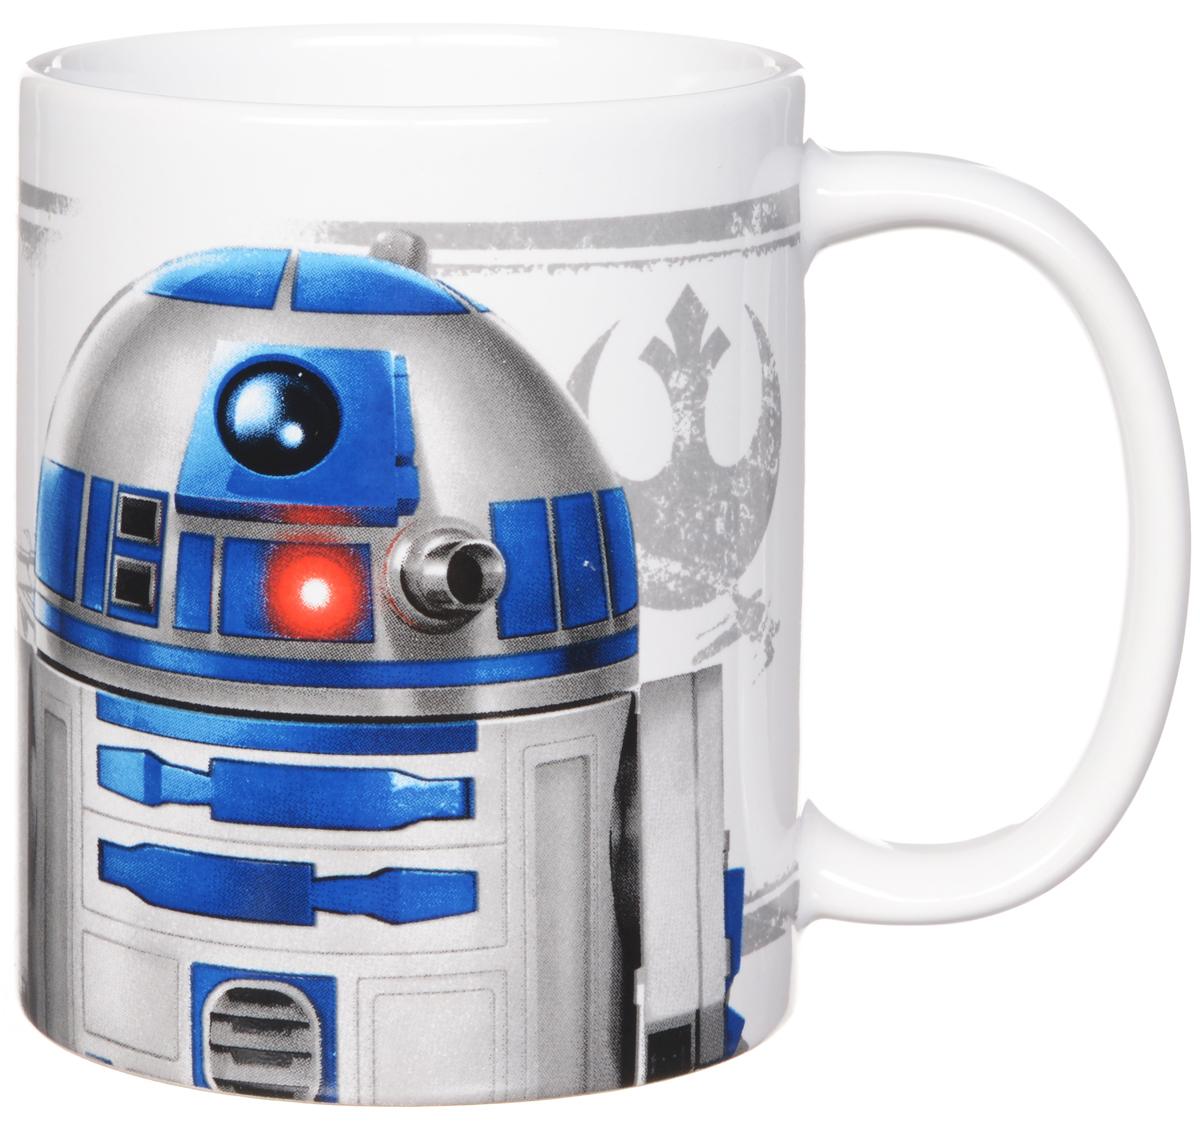 Star Wars Кружка детская R2D2 350 мл4С0476Ф34Детская кружка Star Wars R2D2 станет отличным подарком для любого фаната знаменитой саги. Она выполнена из керамики белого цвета и оформлена рисунком с изображением одного из главных героев Звездных войн дроида R2D2. Большая ручка обеспечит удобство использования.Объем кружки: 350 мл.Подходит для использования в посудомоечной машине и СВЧ-печи.